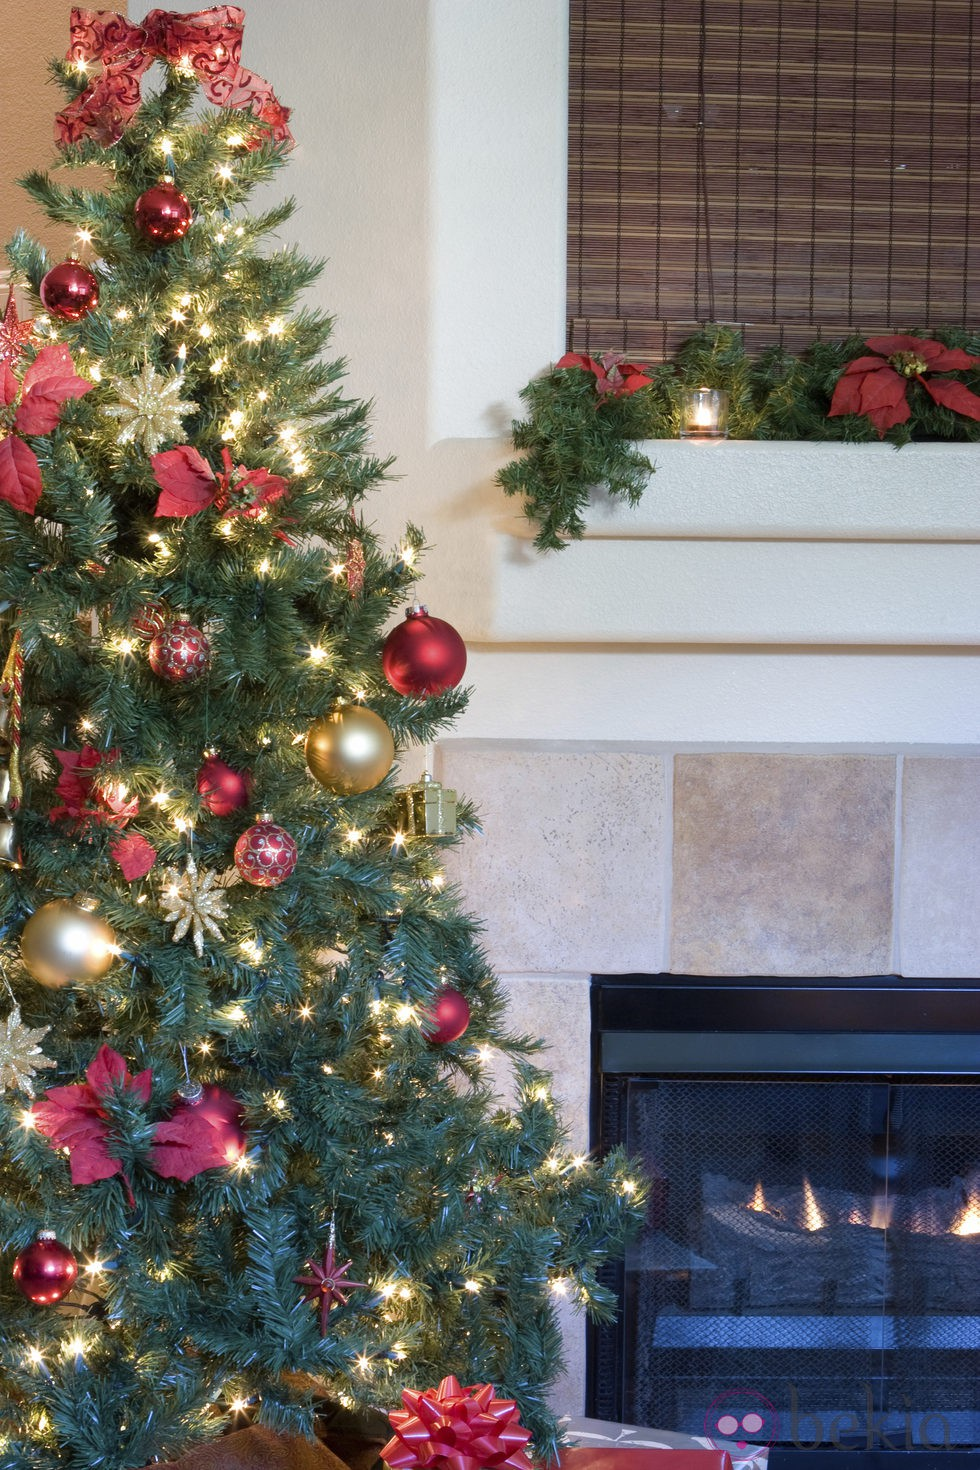 Rbol de navidad la importancia de las luces fotos de - Luces arbol de navidad ...